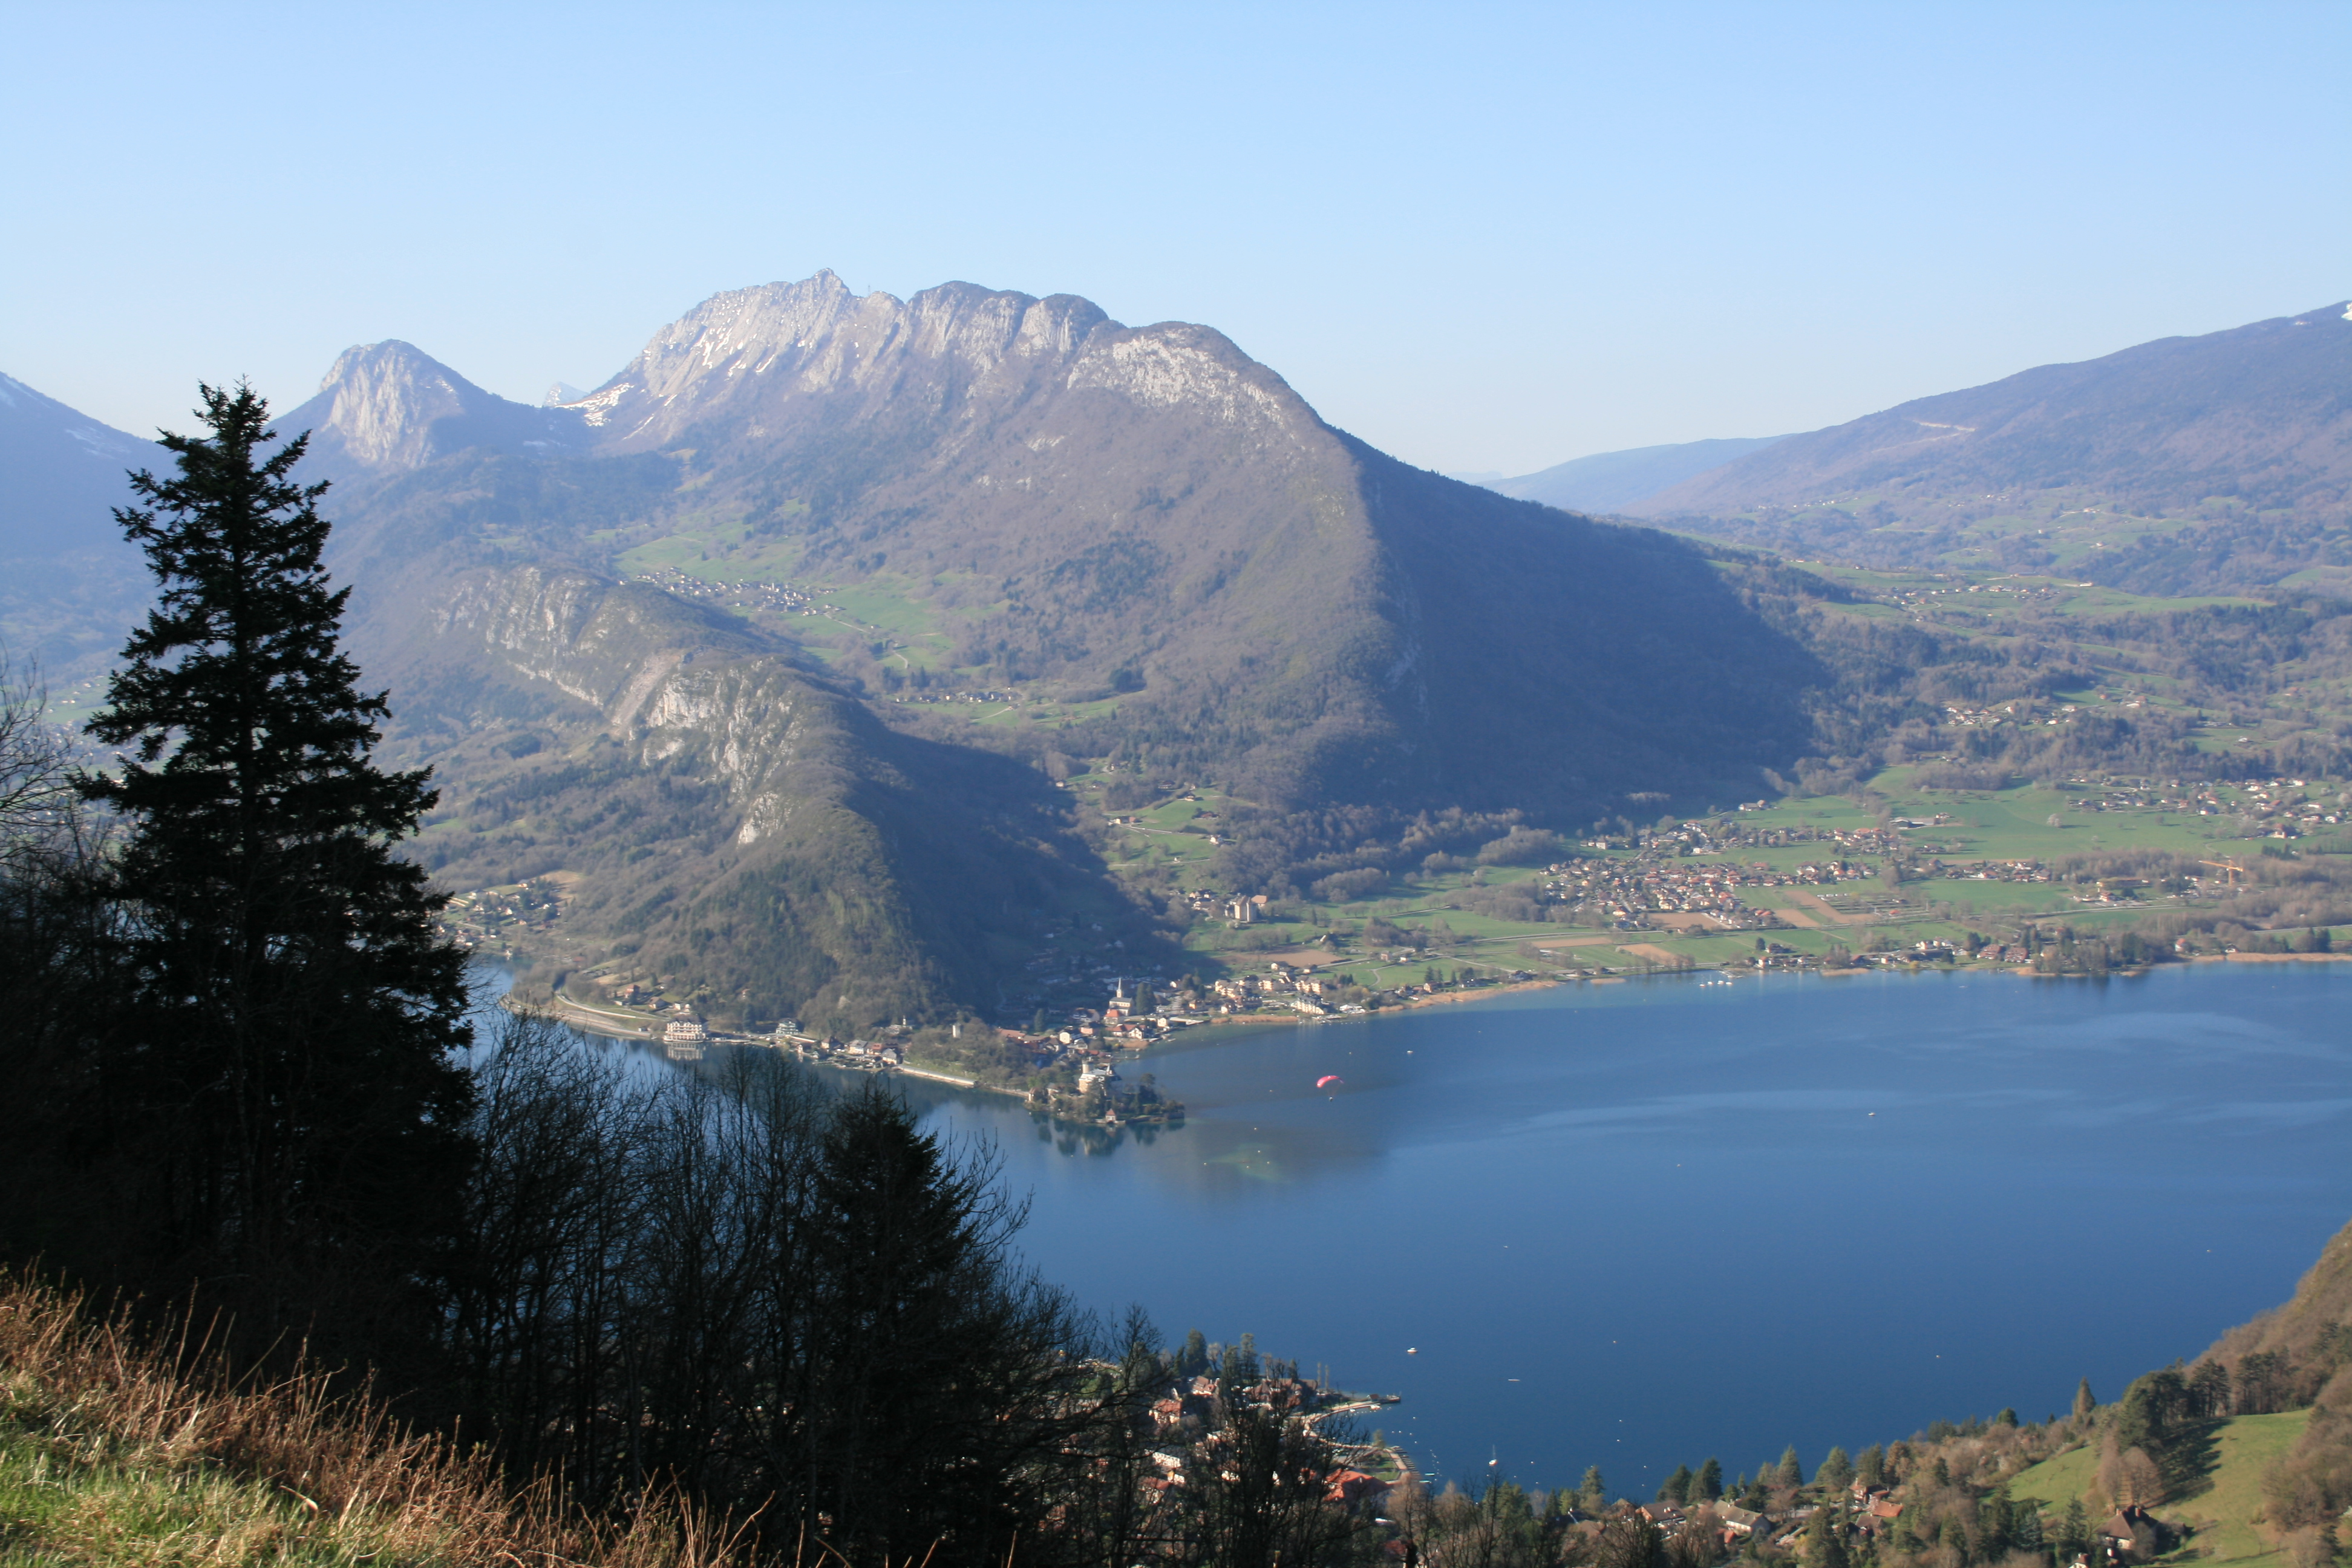 Photo Col de la Forclaz